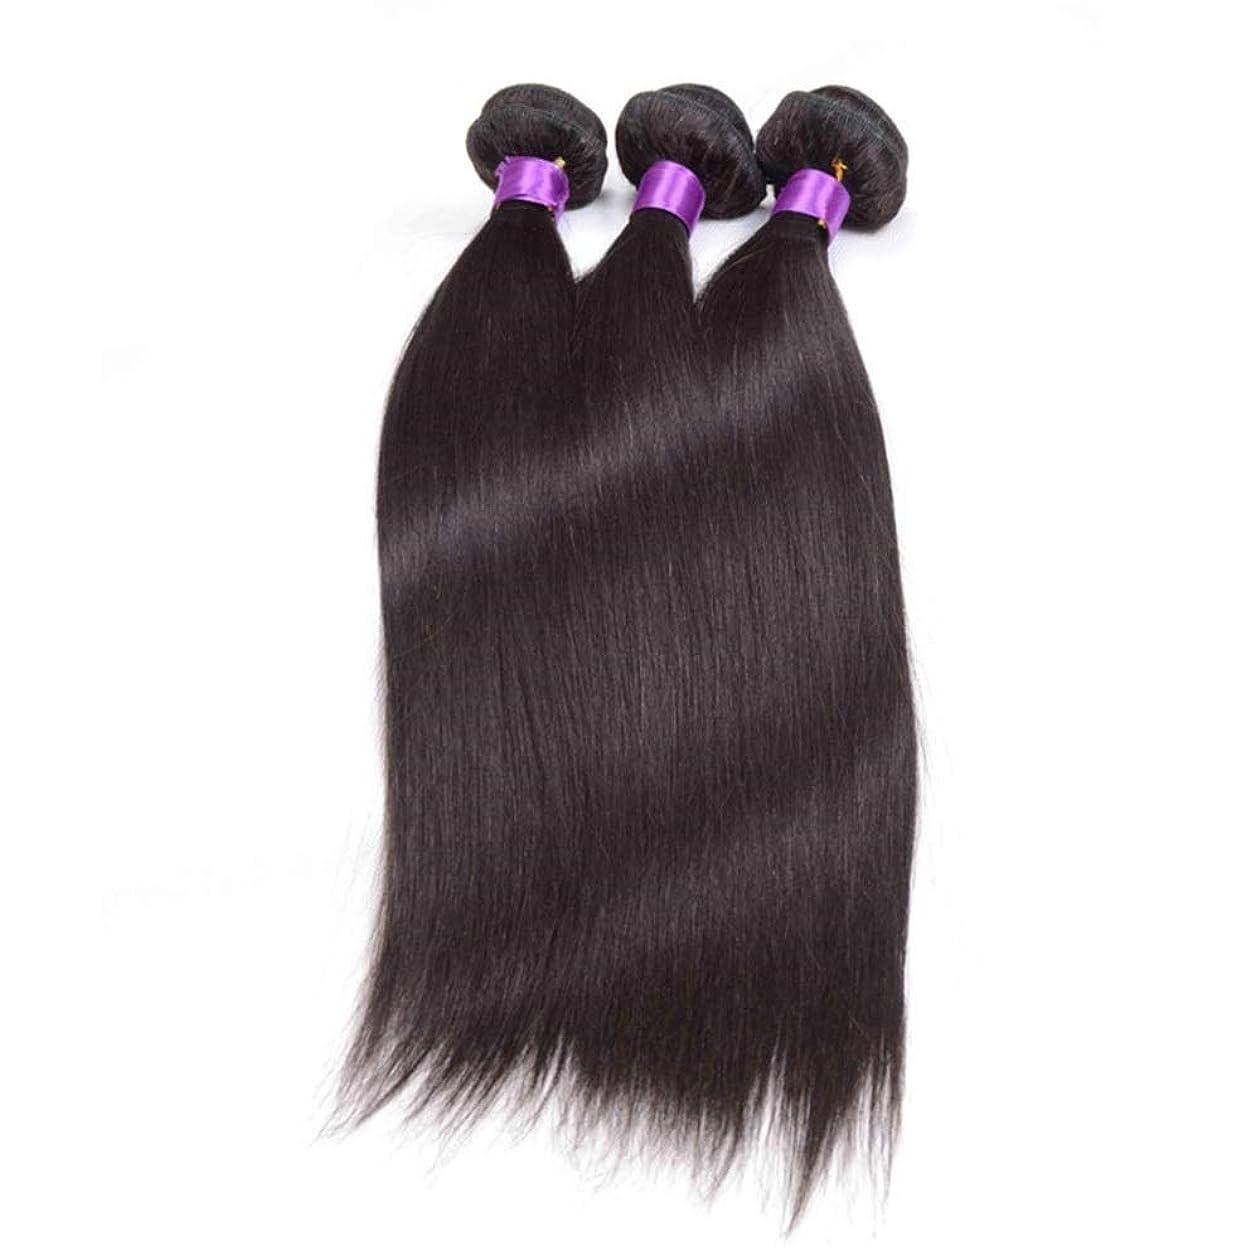 気難しい祈りあいさつHOHYLLYA ブラジルのストレート人間の髪の毛の束シルキーストレート100%人毛の織り方エクステンションナチュラルブラック複合ヘアレースかつらロールプレイングかつら (色 : 黒, サイズ : 20 inch)